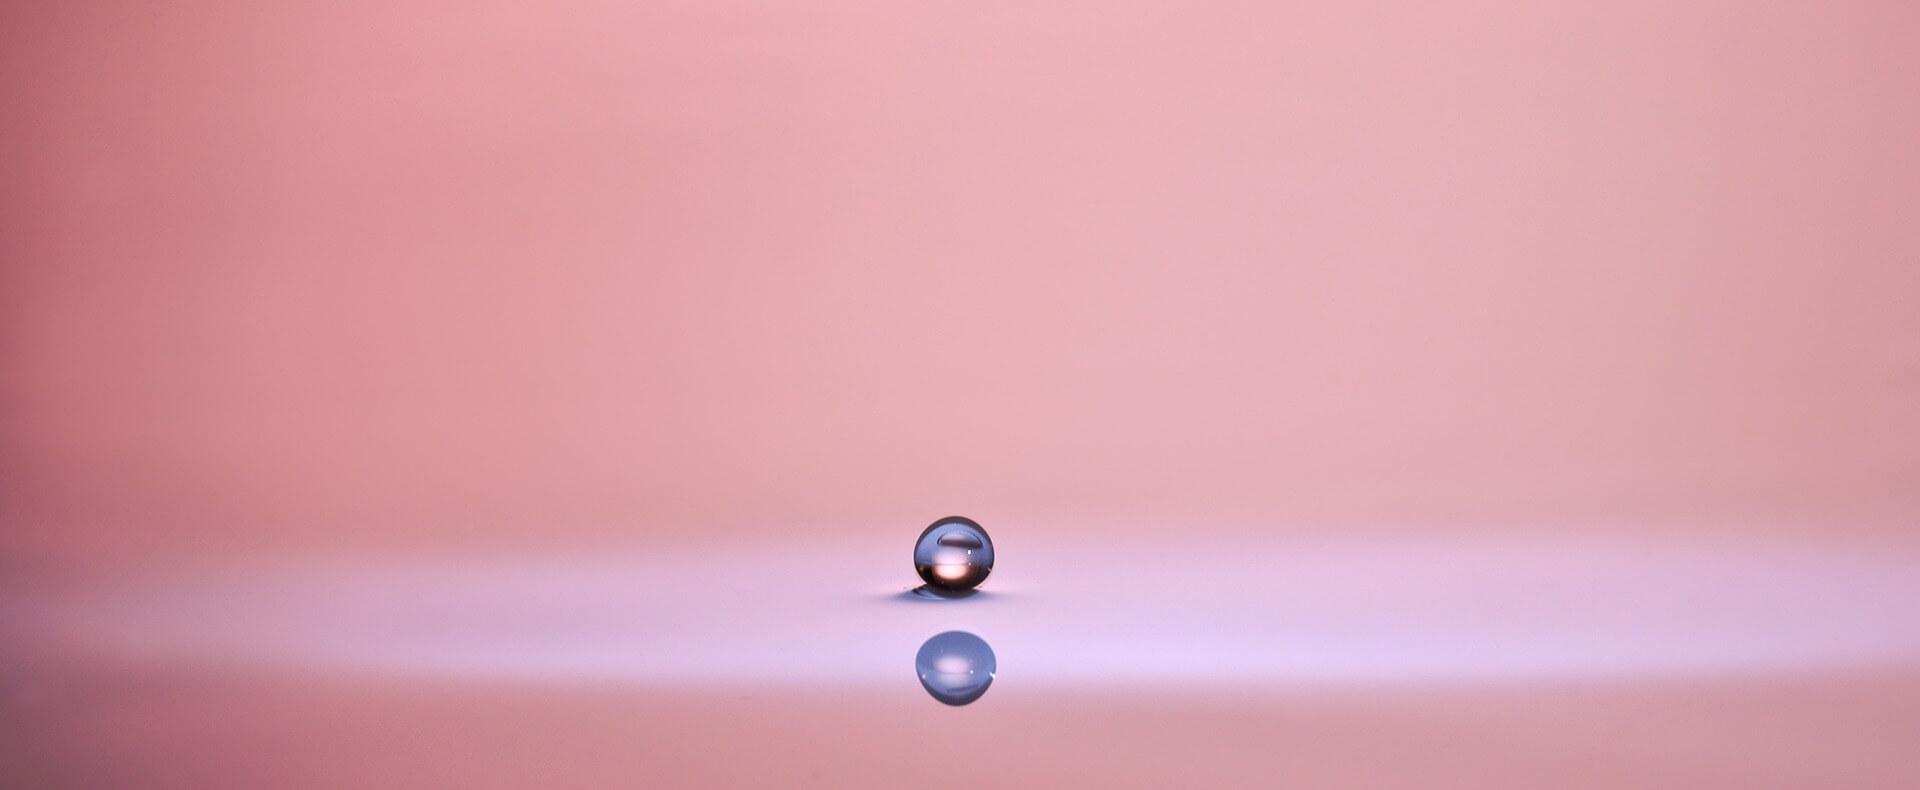 """Symbolbild zur Predigt """"Schatz im Acker - köstliche Perle"""": Spiegelnder Wassertropfen, ähnlich eine Perle vor hellem, leerem Hintergrund"""